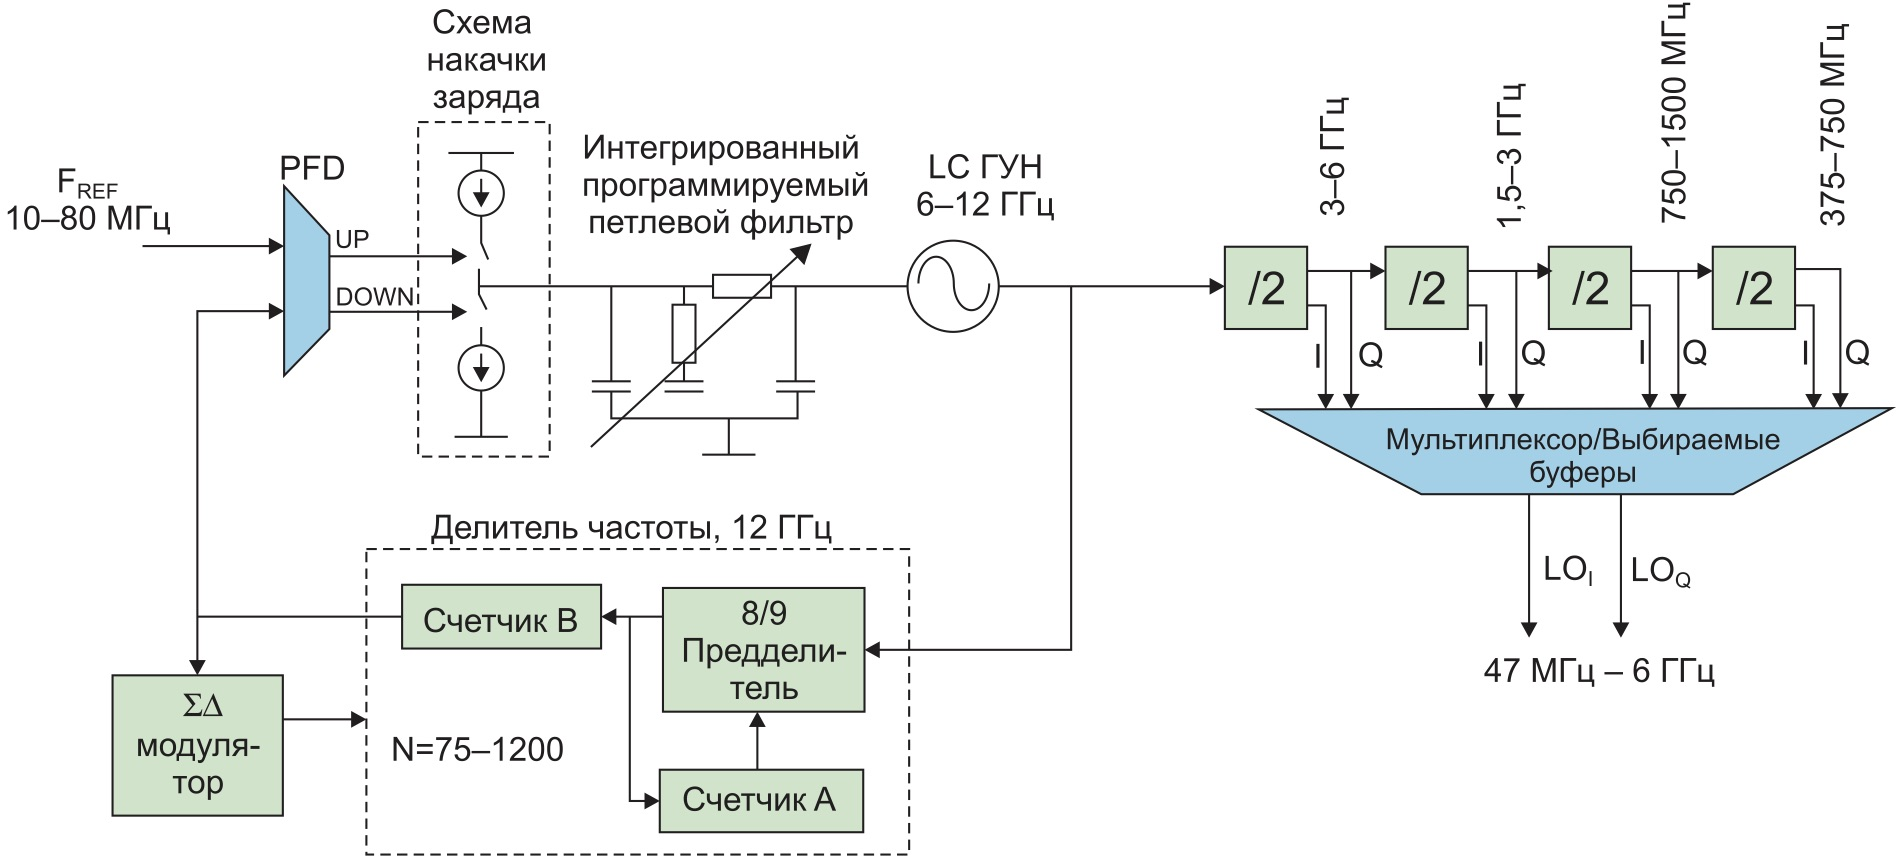 Интегрированный в AD9361 гетеродин на базе ГУН с диапазоном перестройки в одну октаву